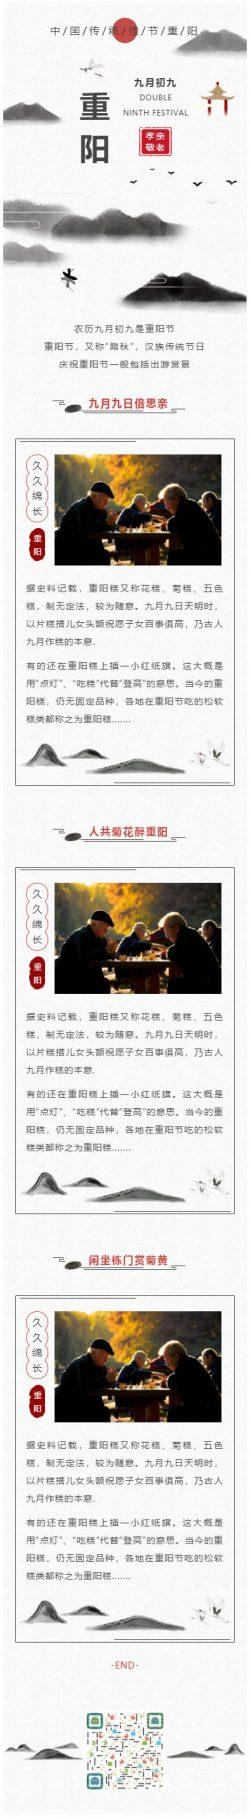 中国传统佳节重阳节老人节敬老节微信推送图文素材模板公众号文章